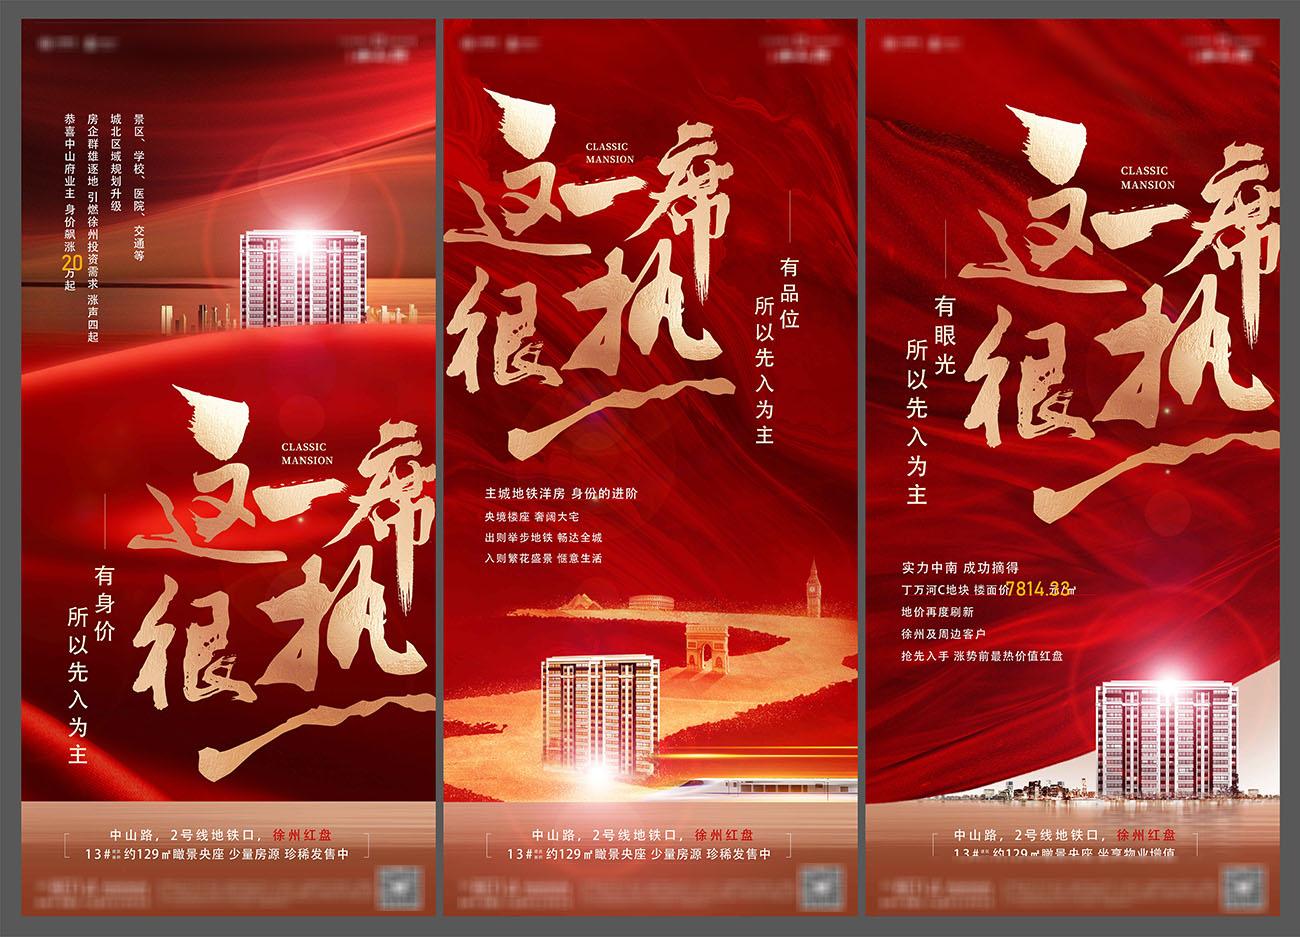 地产住宅瞰景央座热销红盘刷屏海报AI+PSD源文件插图